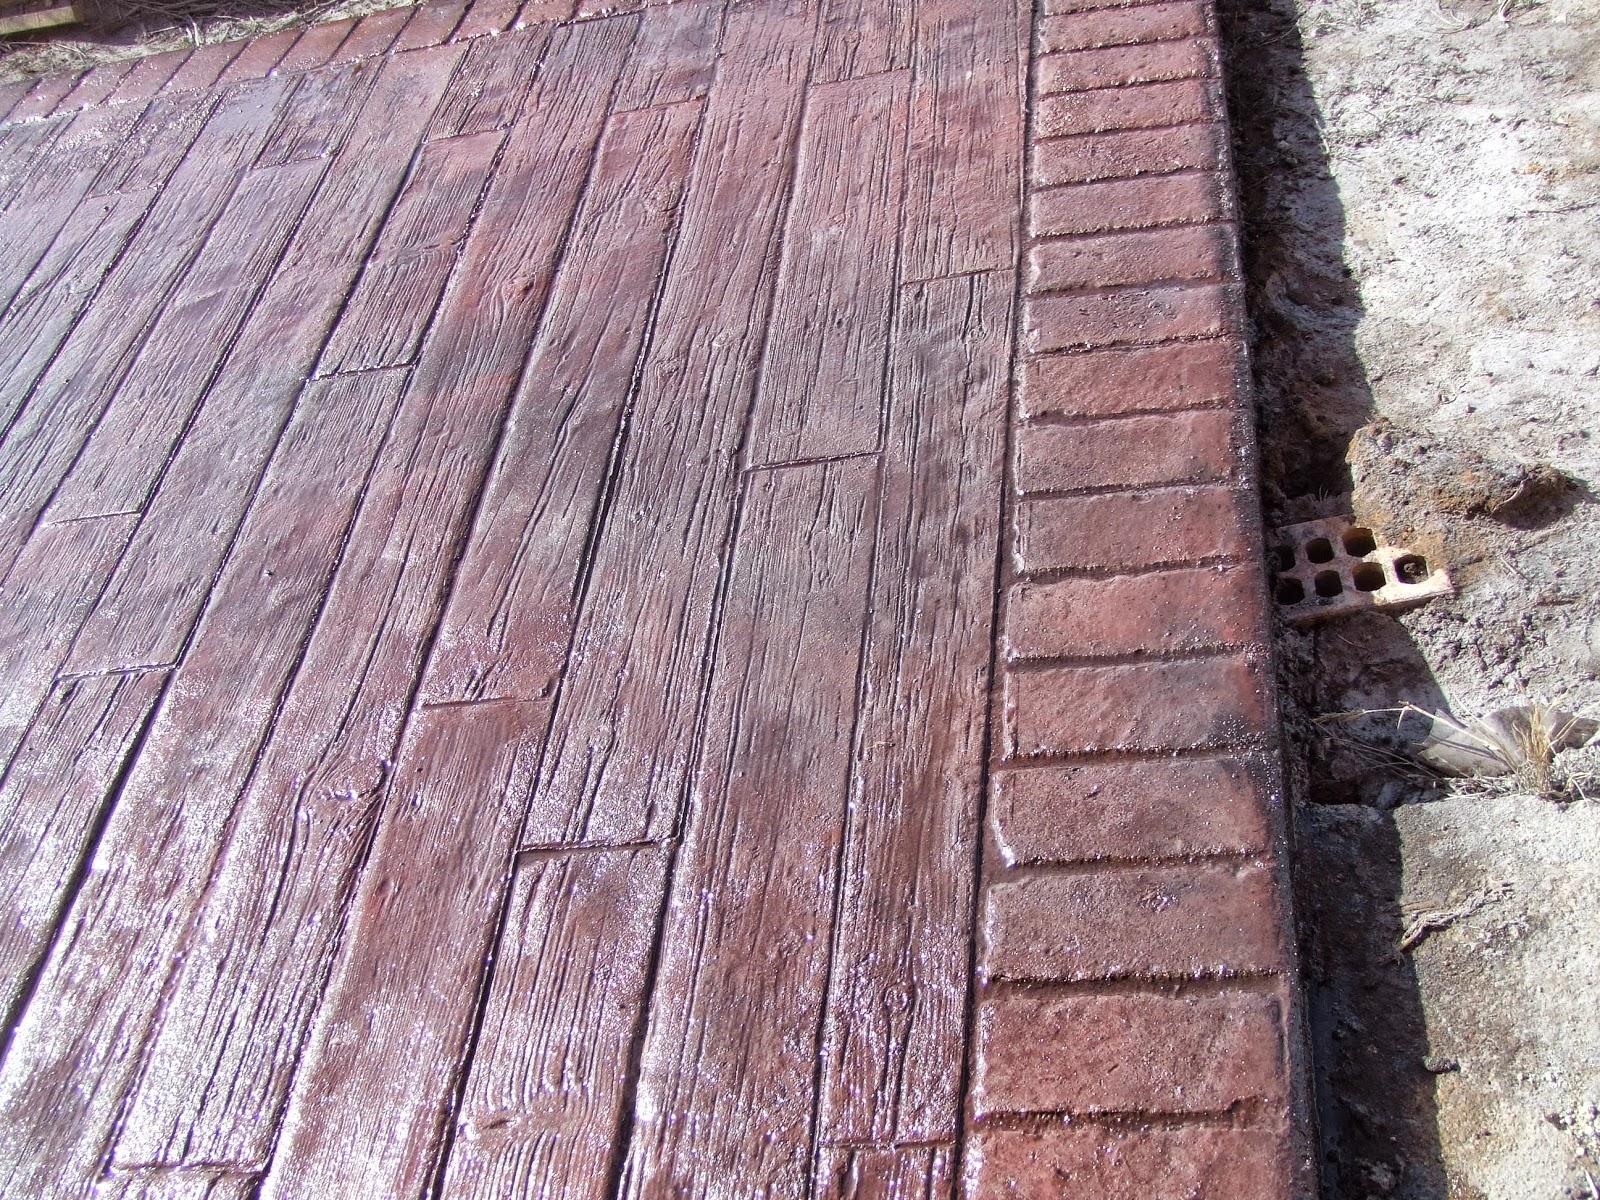 Pavimentos continuos de hormig n hormig n impreso hormig n impreso madera vieja en cuenca - Hormigon impreso madera ...